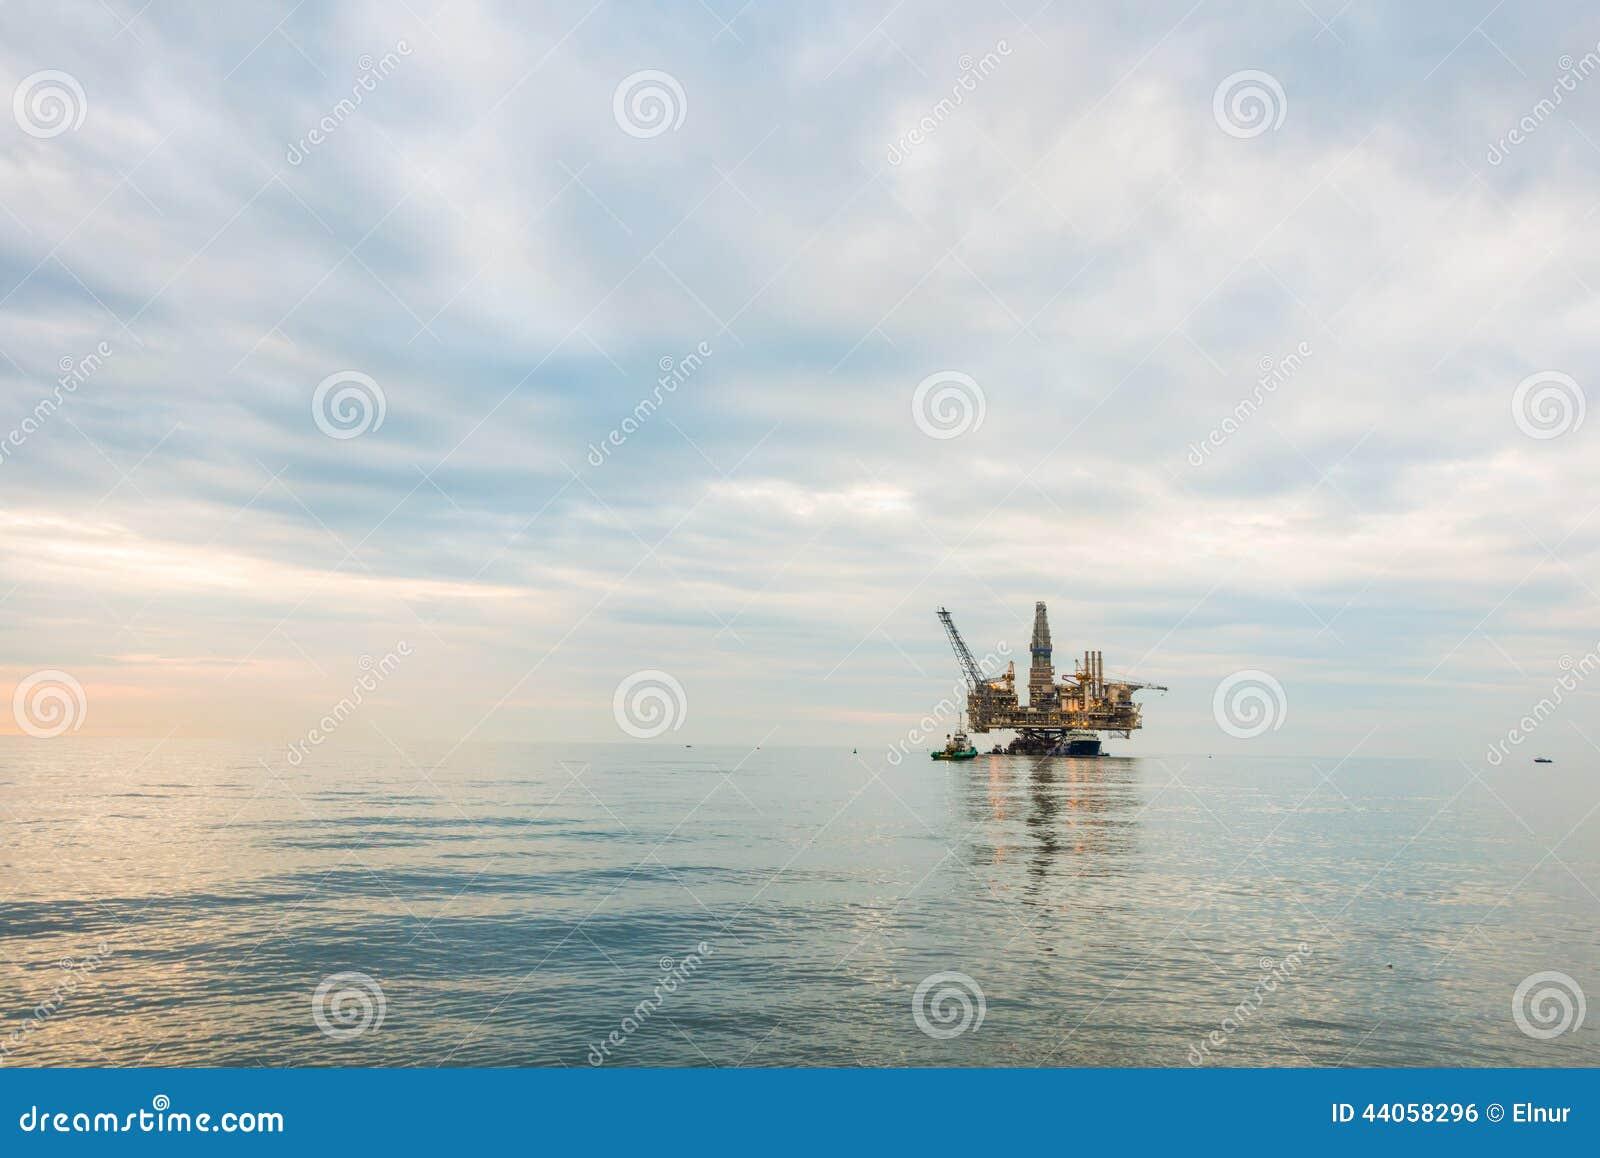 Plataforma de la plataforma petrolera